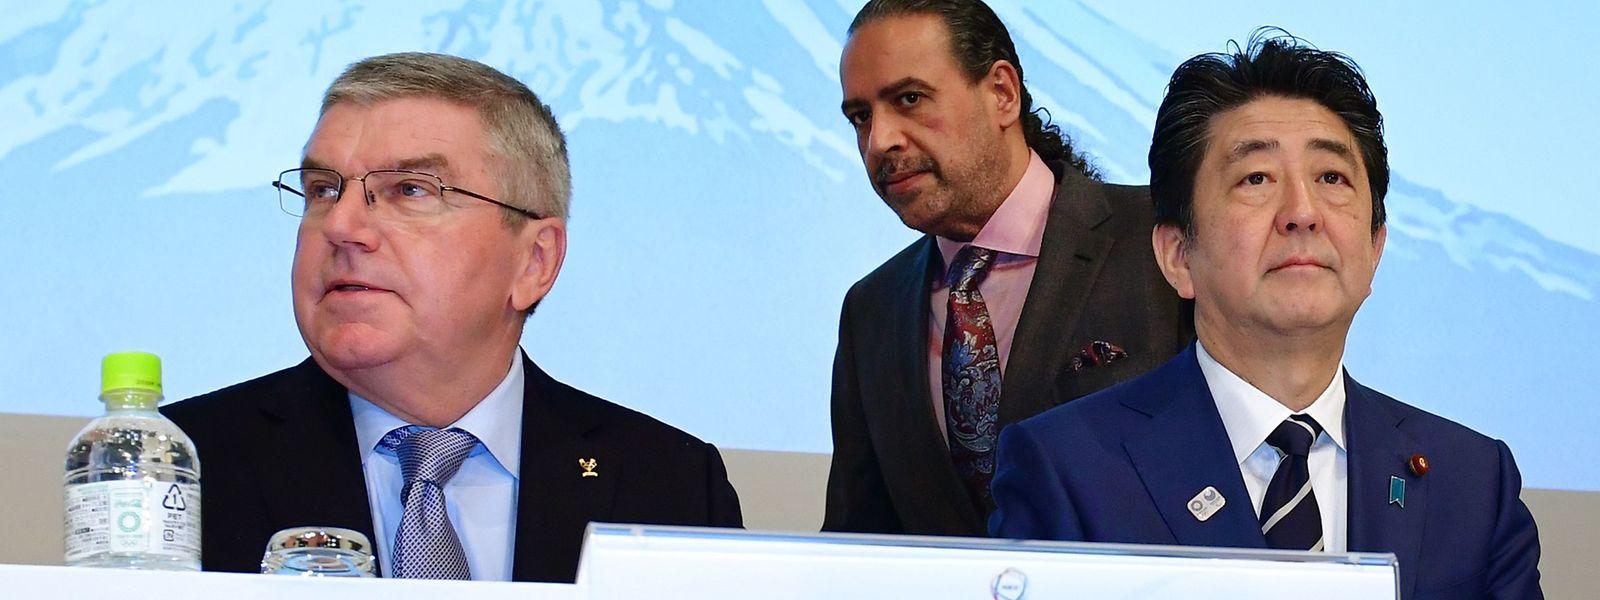 IOC-Präsident Thomas Bach (l.) und Japans Premierminister Shinzo Abe kommen zu einer gemeinsamen Entscheidung.